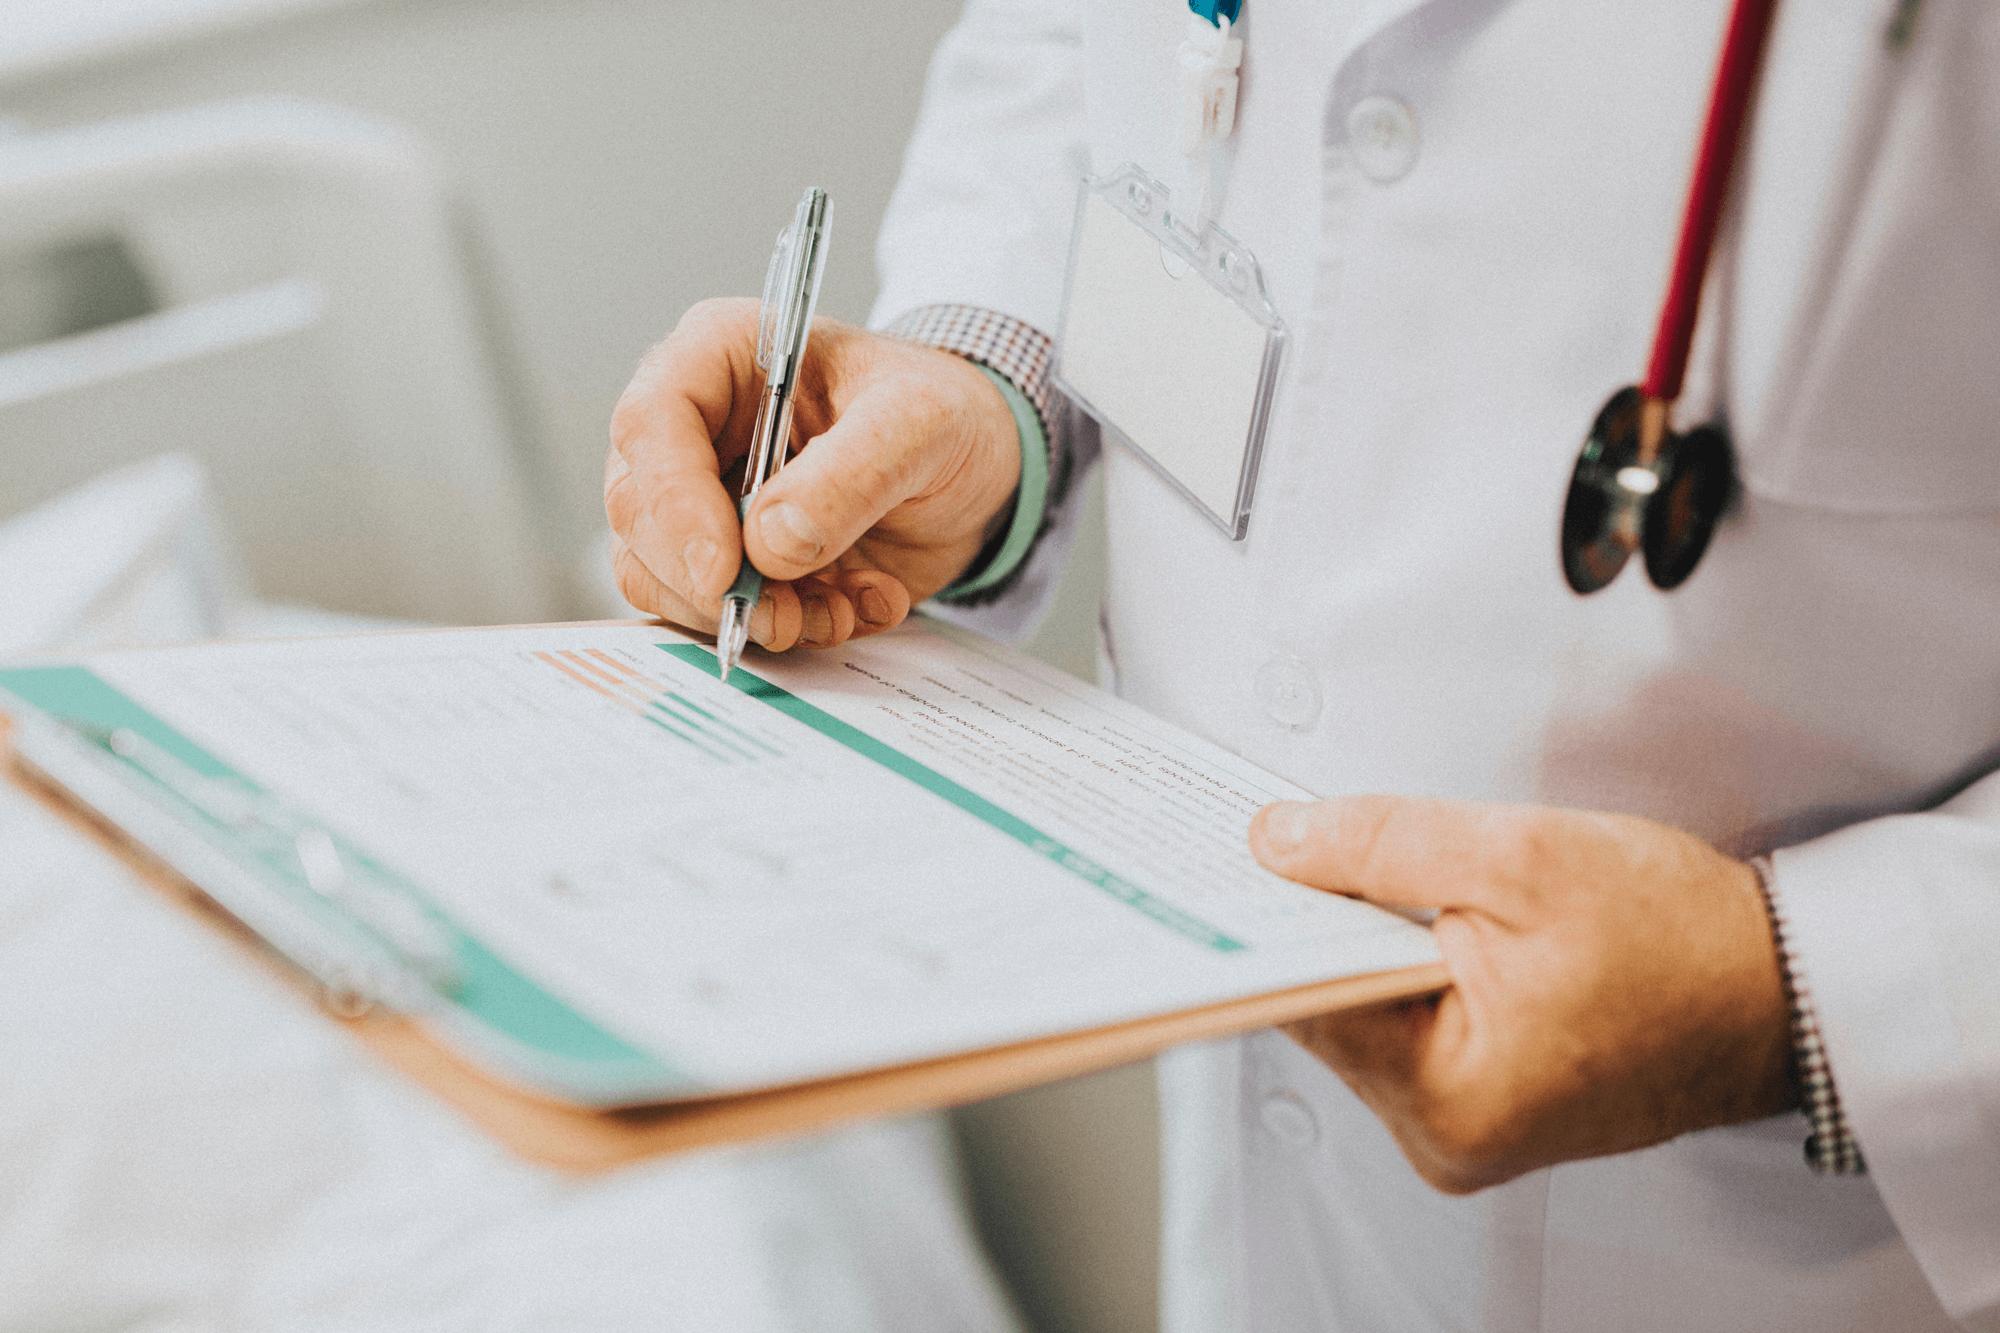 Gezondheidszorg | Welzijn | Care & Cure | Zorgsector | Trends